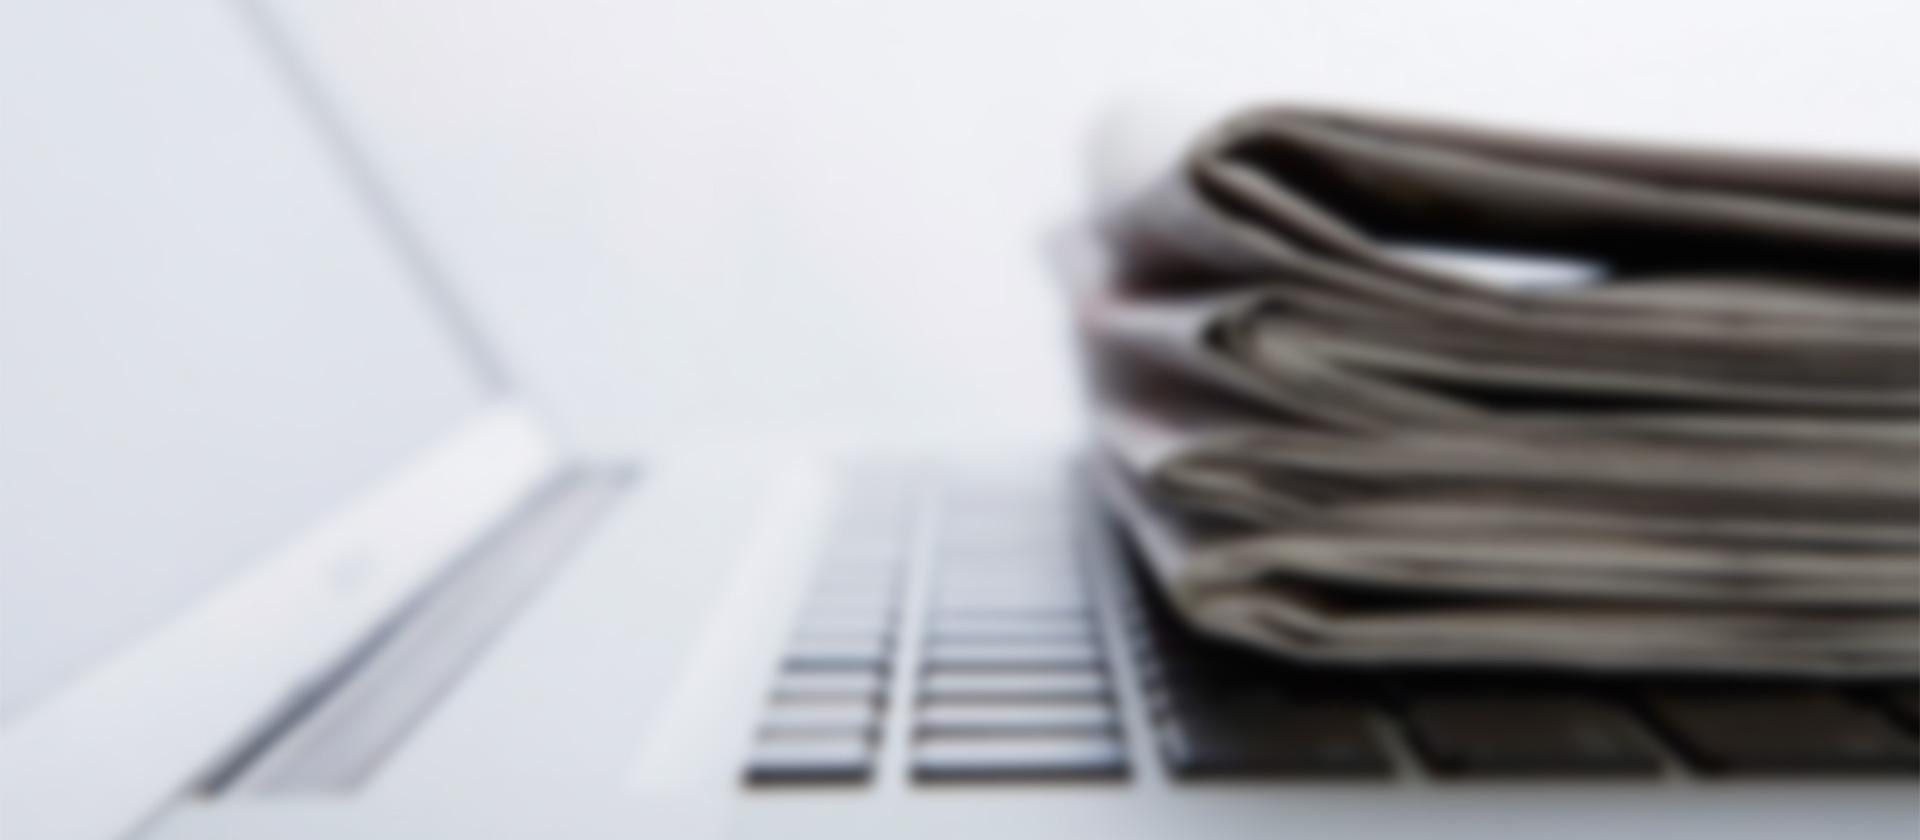 Ufficio Stampa: la perfetta rassegna stampa social in 3 parole chiave